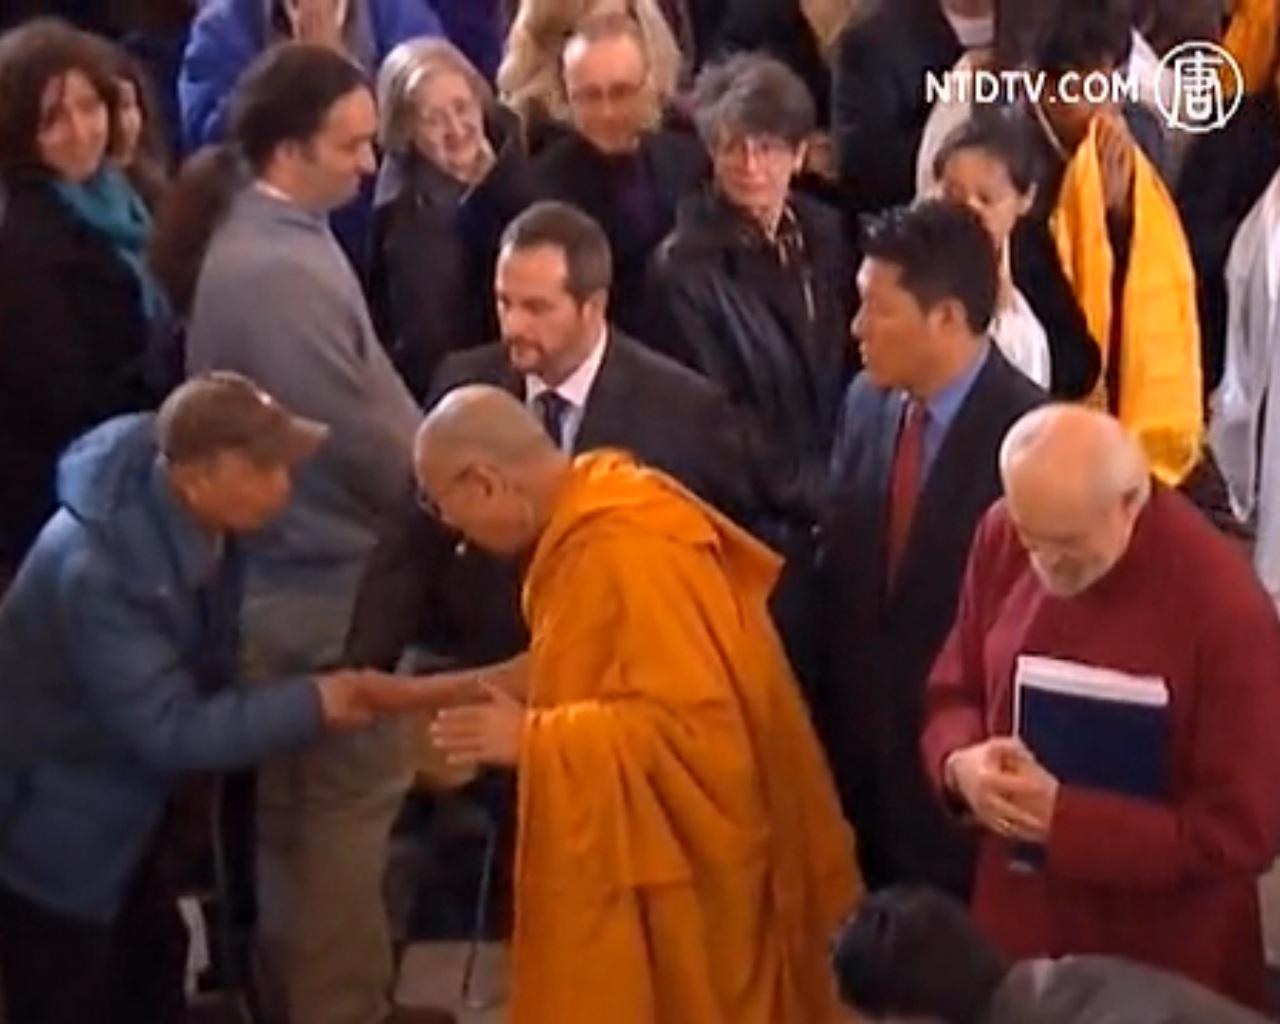 Großbritannien: Dalai Lama-Besuch ein Dorn im Auge Chinas